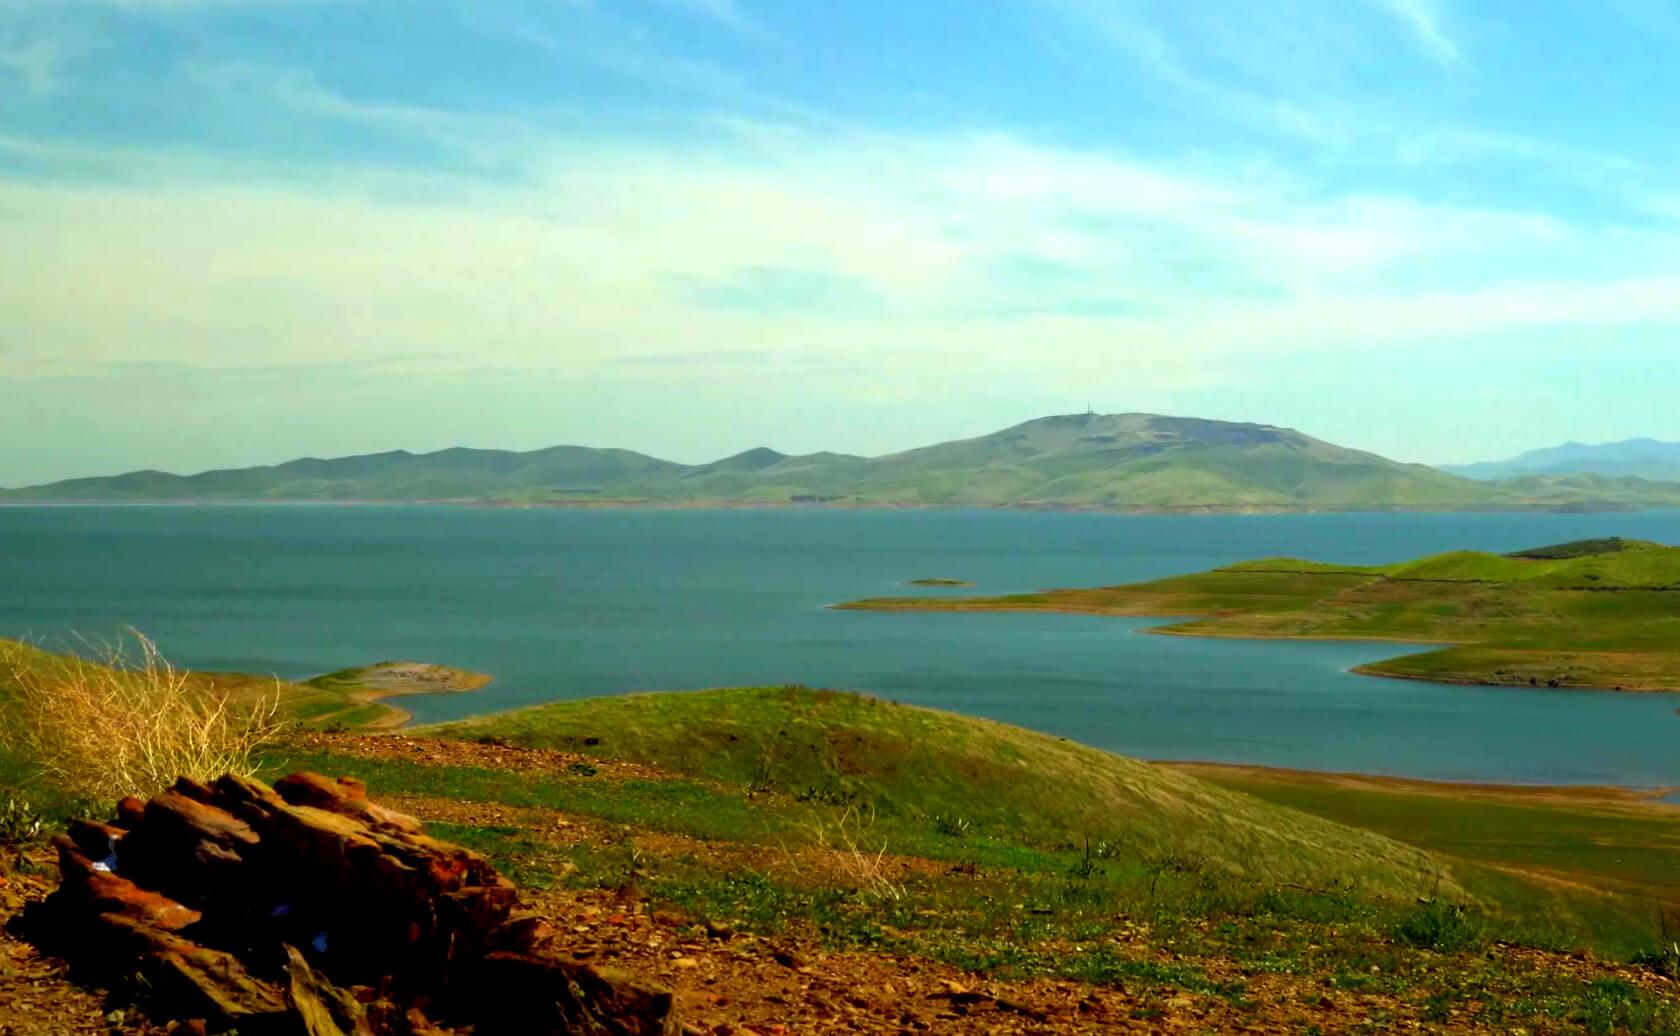 San-Luis-Lake-Fishing-Guide-Report-California-04